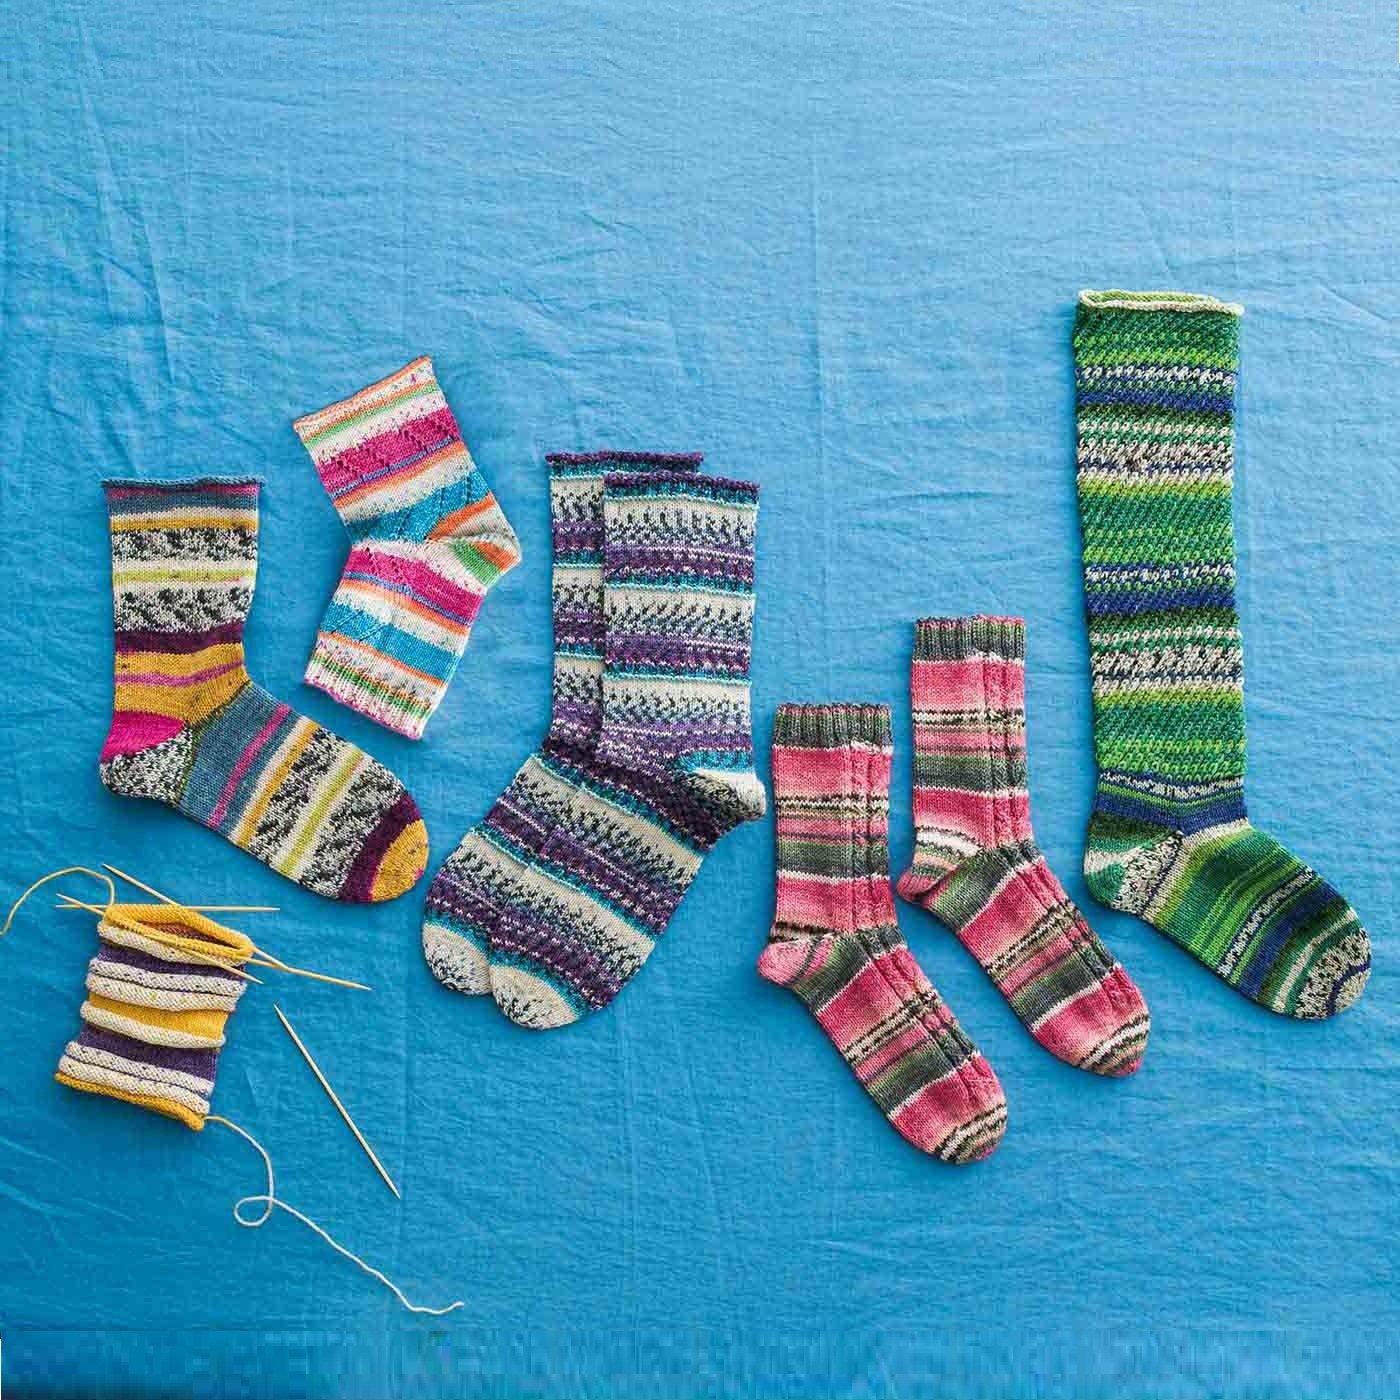 毛糸にふれればみんなしあわせ 魔法の糸Opalで編むソックスと小物の会